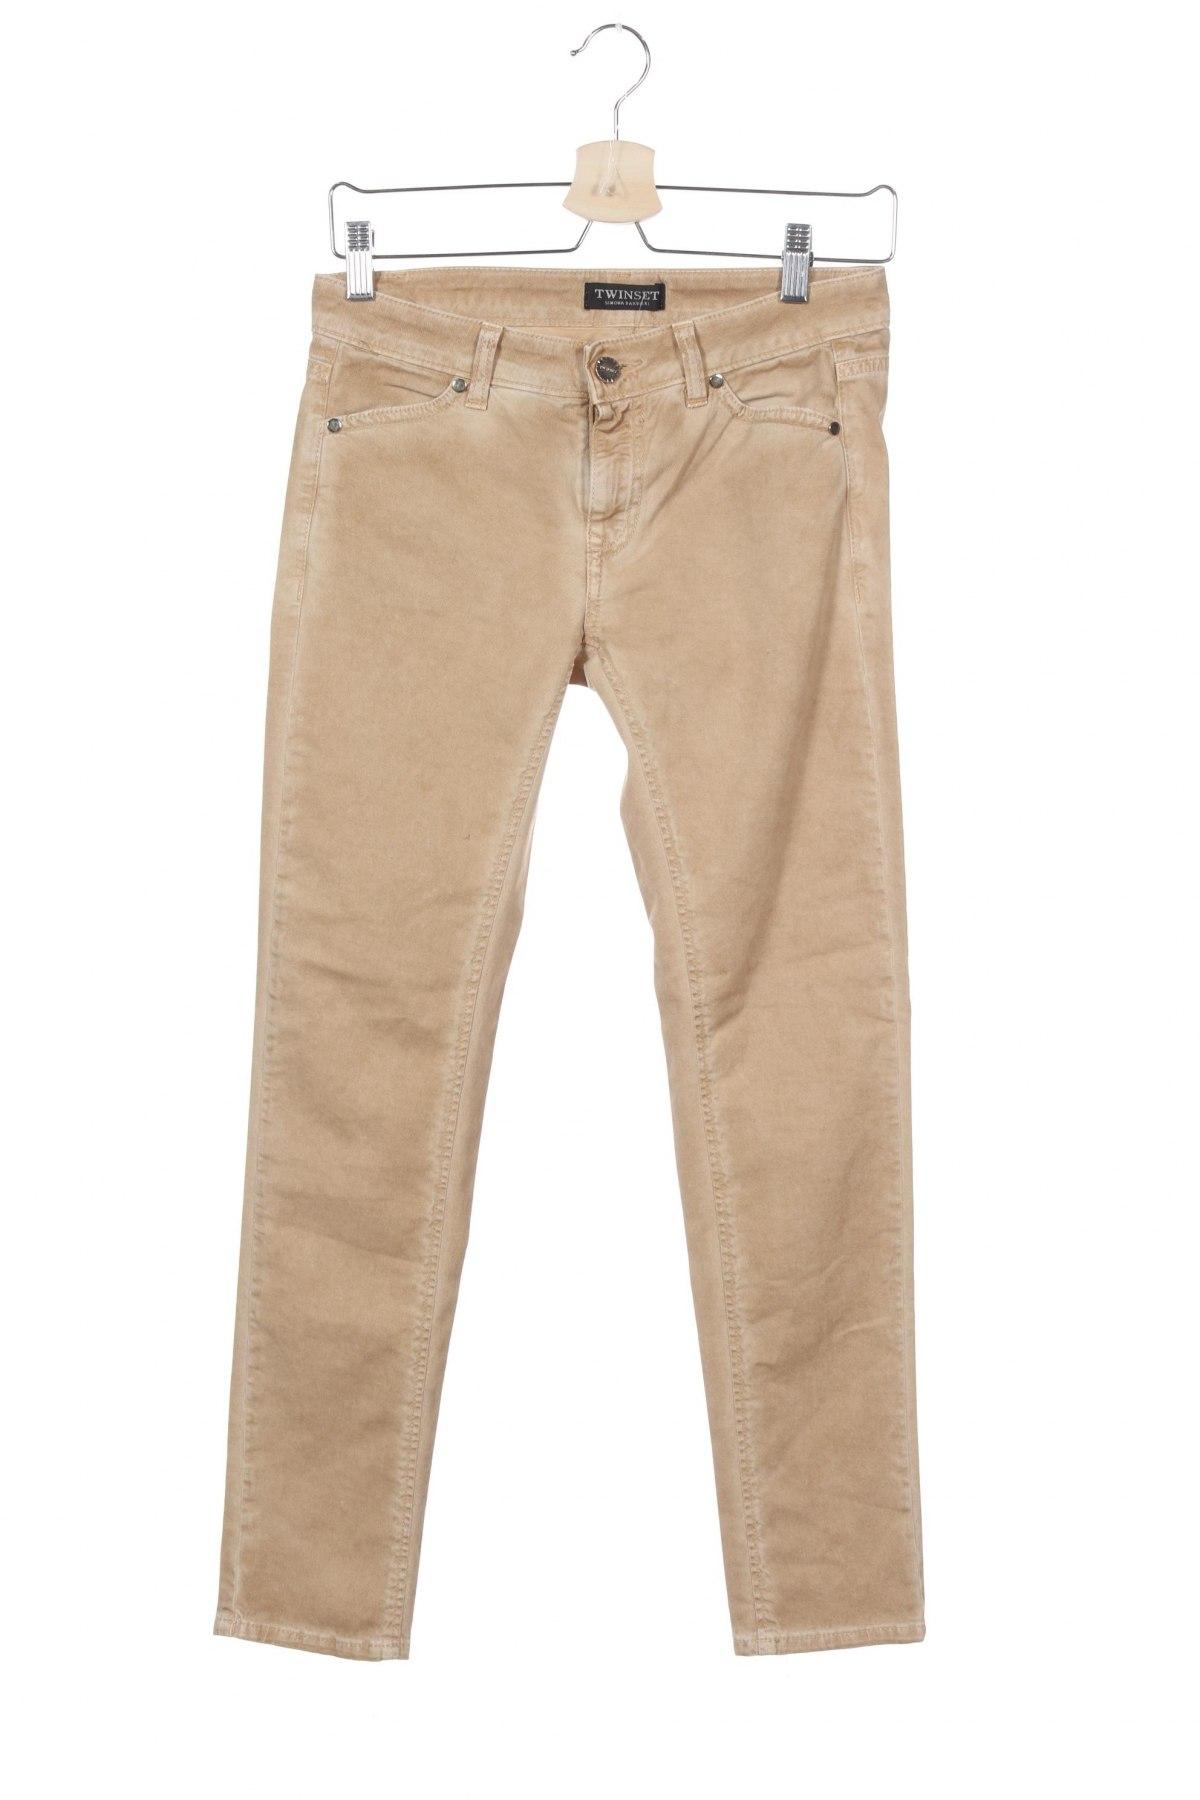 Дамски дънки TWINSET, Размер S, Цвят Бежов, 97% памук, 3% еластан, Цена 30,42лв.